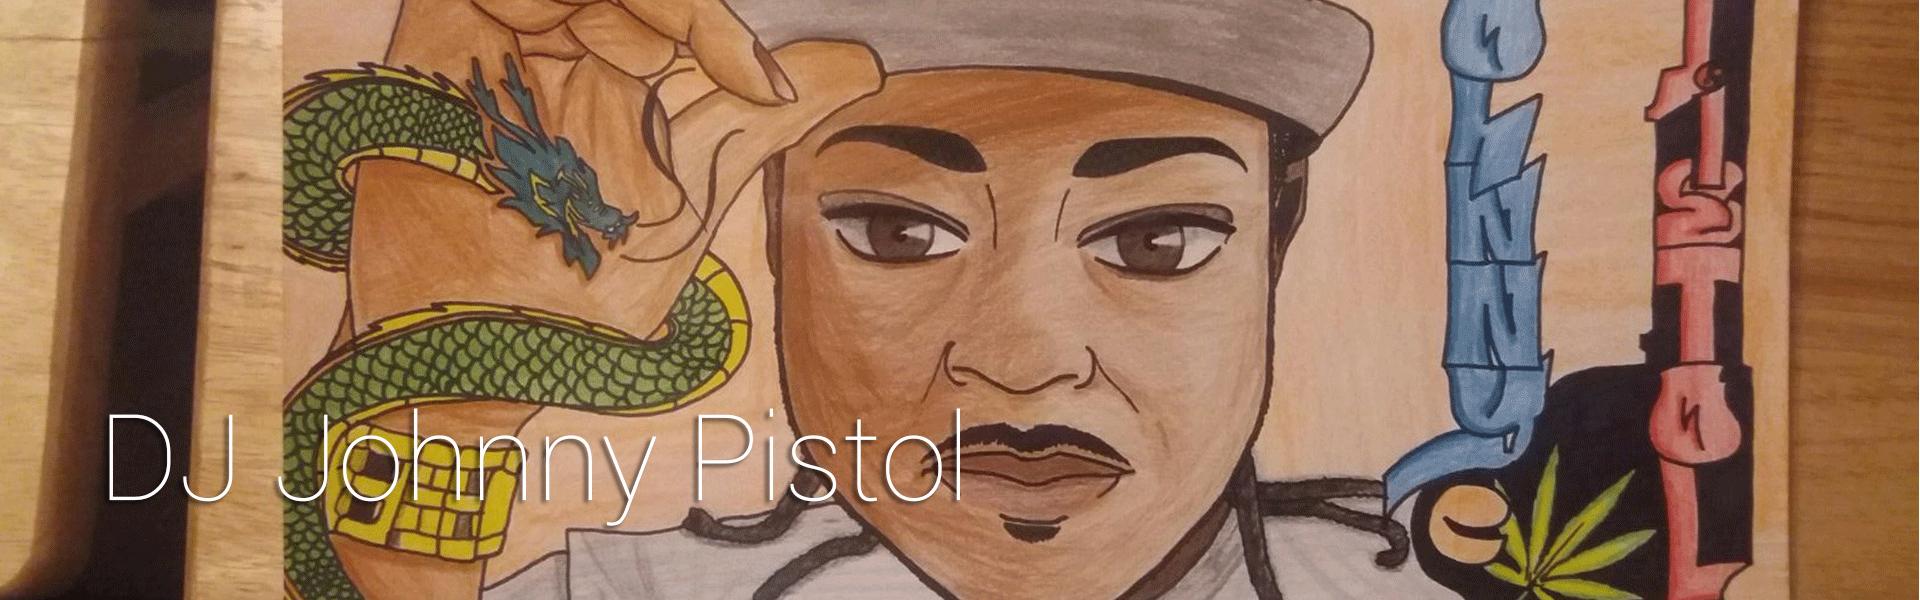 Banner of DJ Jonny Pistol 'In Spirit' artwork cover